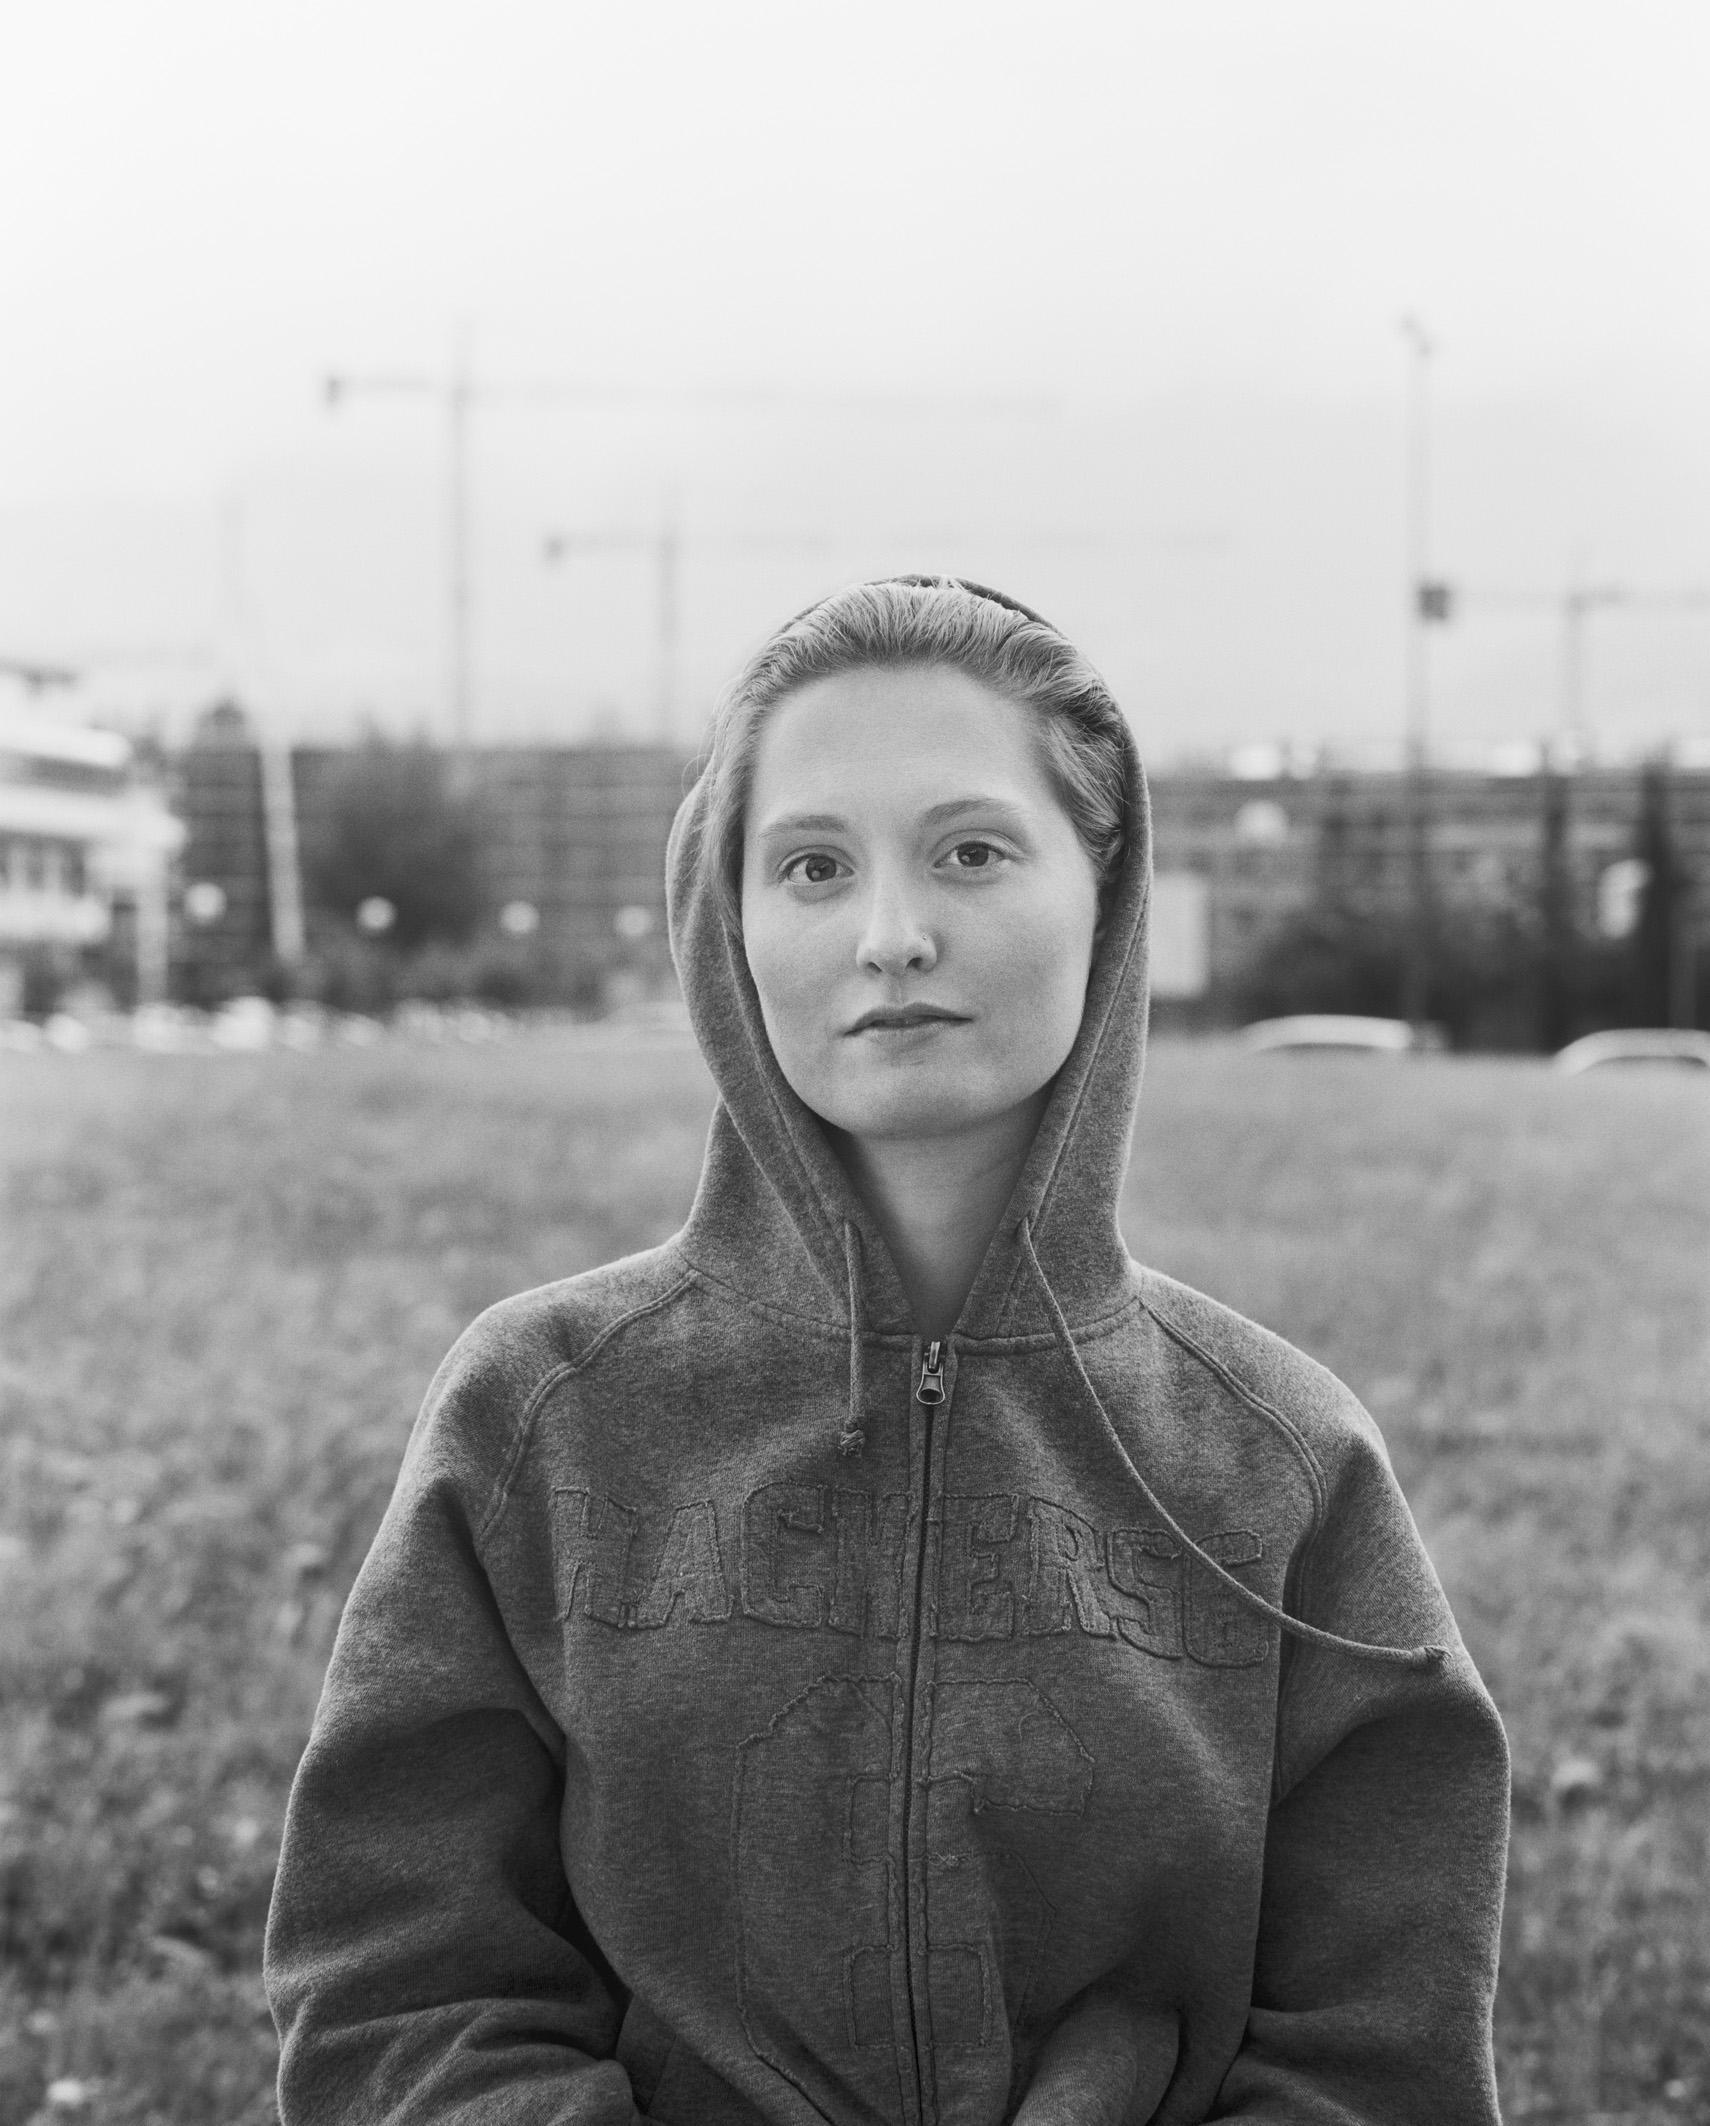 """Fotografie: """"Monalisen der Vorstädte"""", Giulia, 2009"""